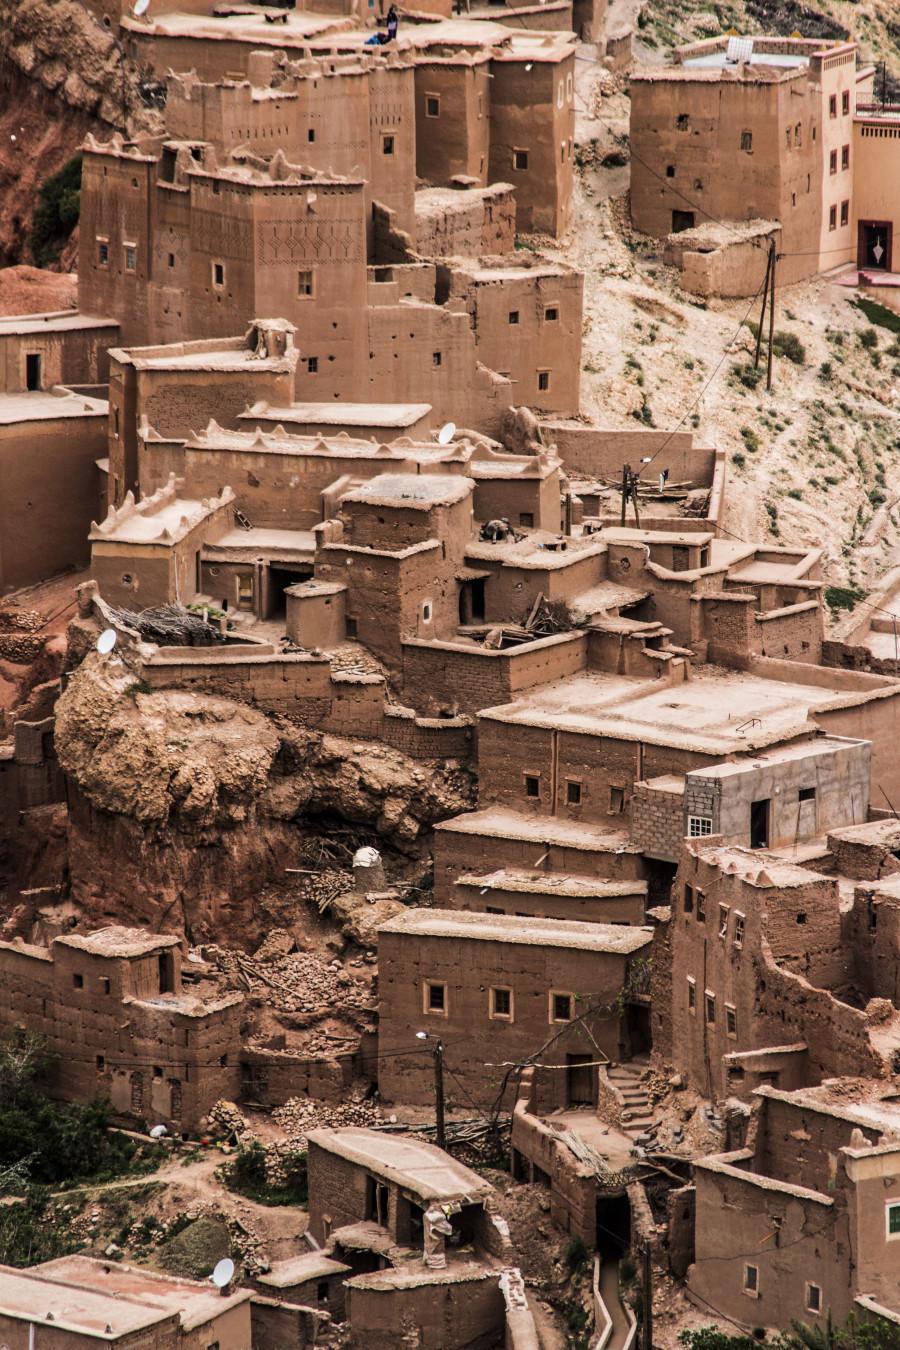 arquitectura de tierra en Marruecos_María Jesús Mora_Arquitecto_Fotógrafo_Alicante 9